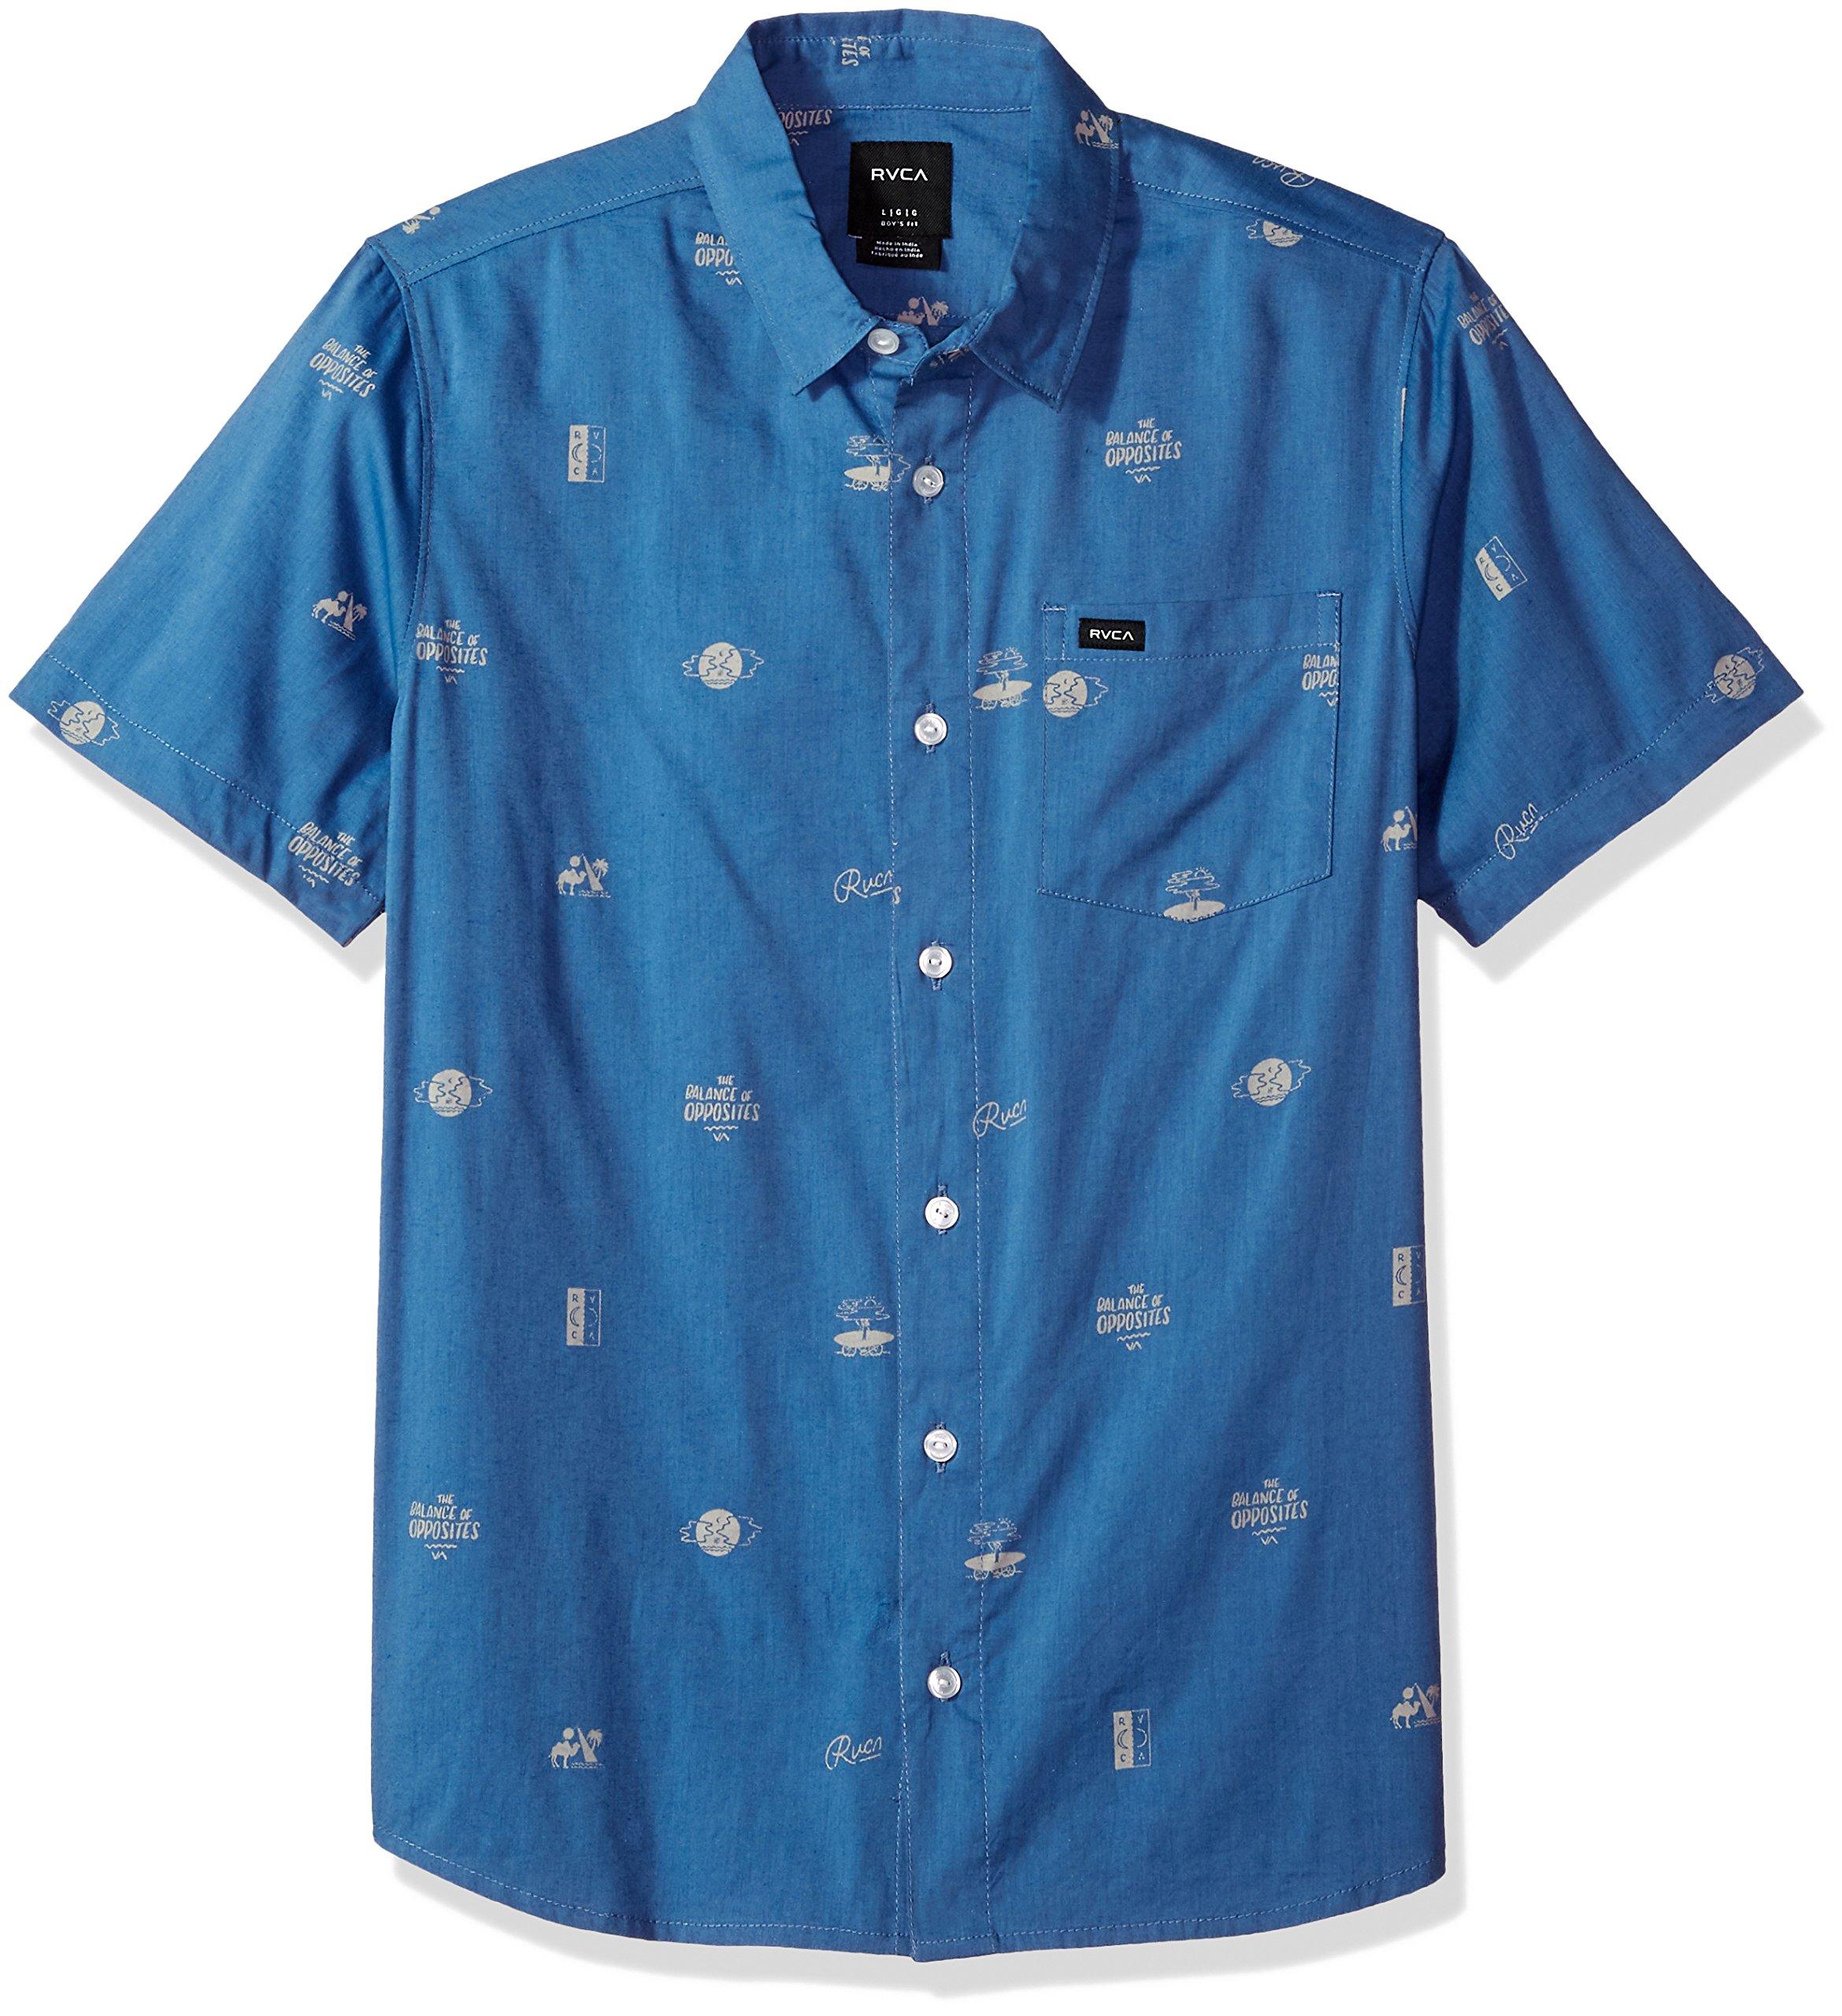 RVCA Boys' Big Mowgli Short Sleeve Woven Shirt, Cobalt, S